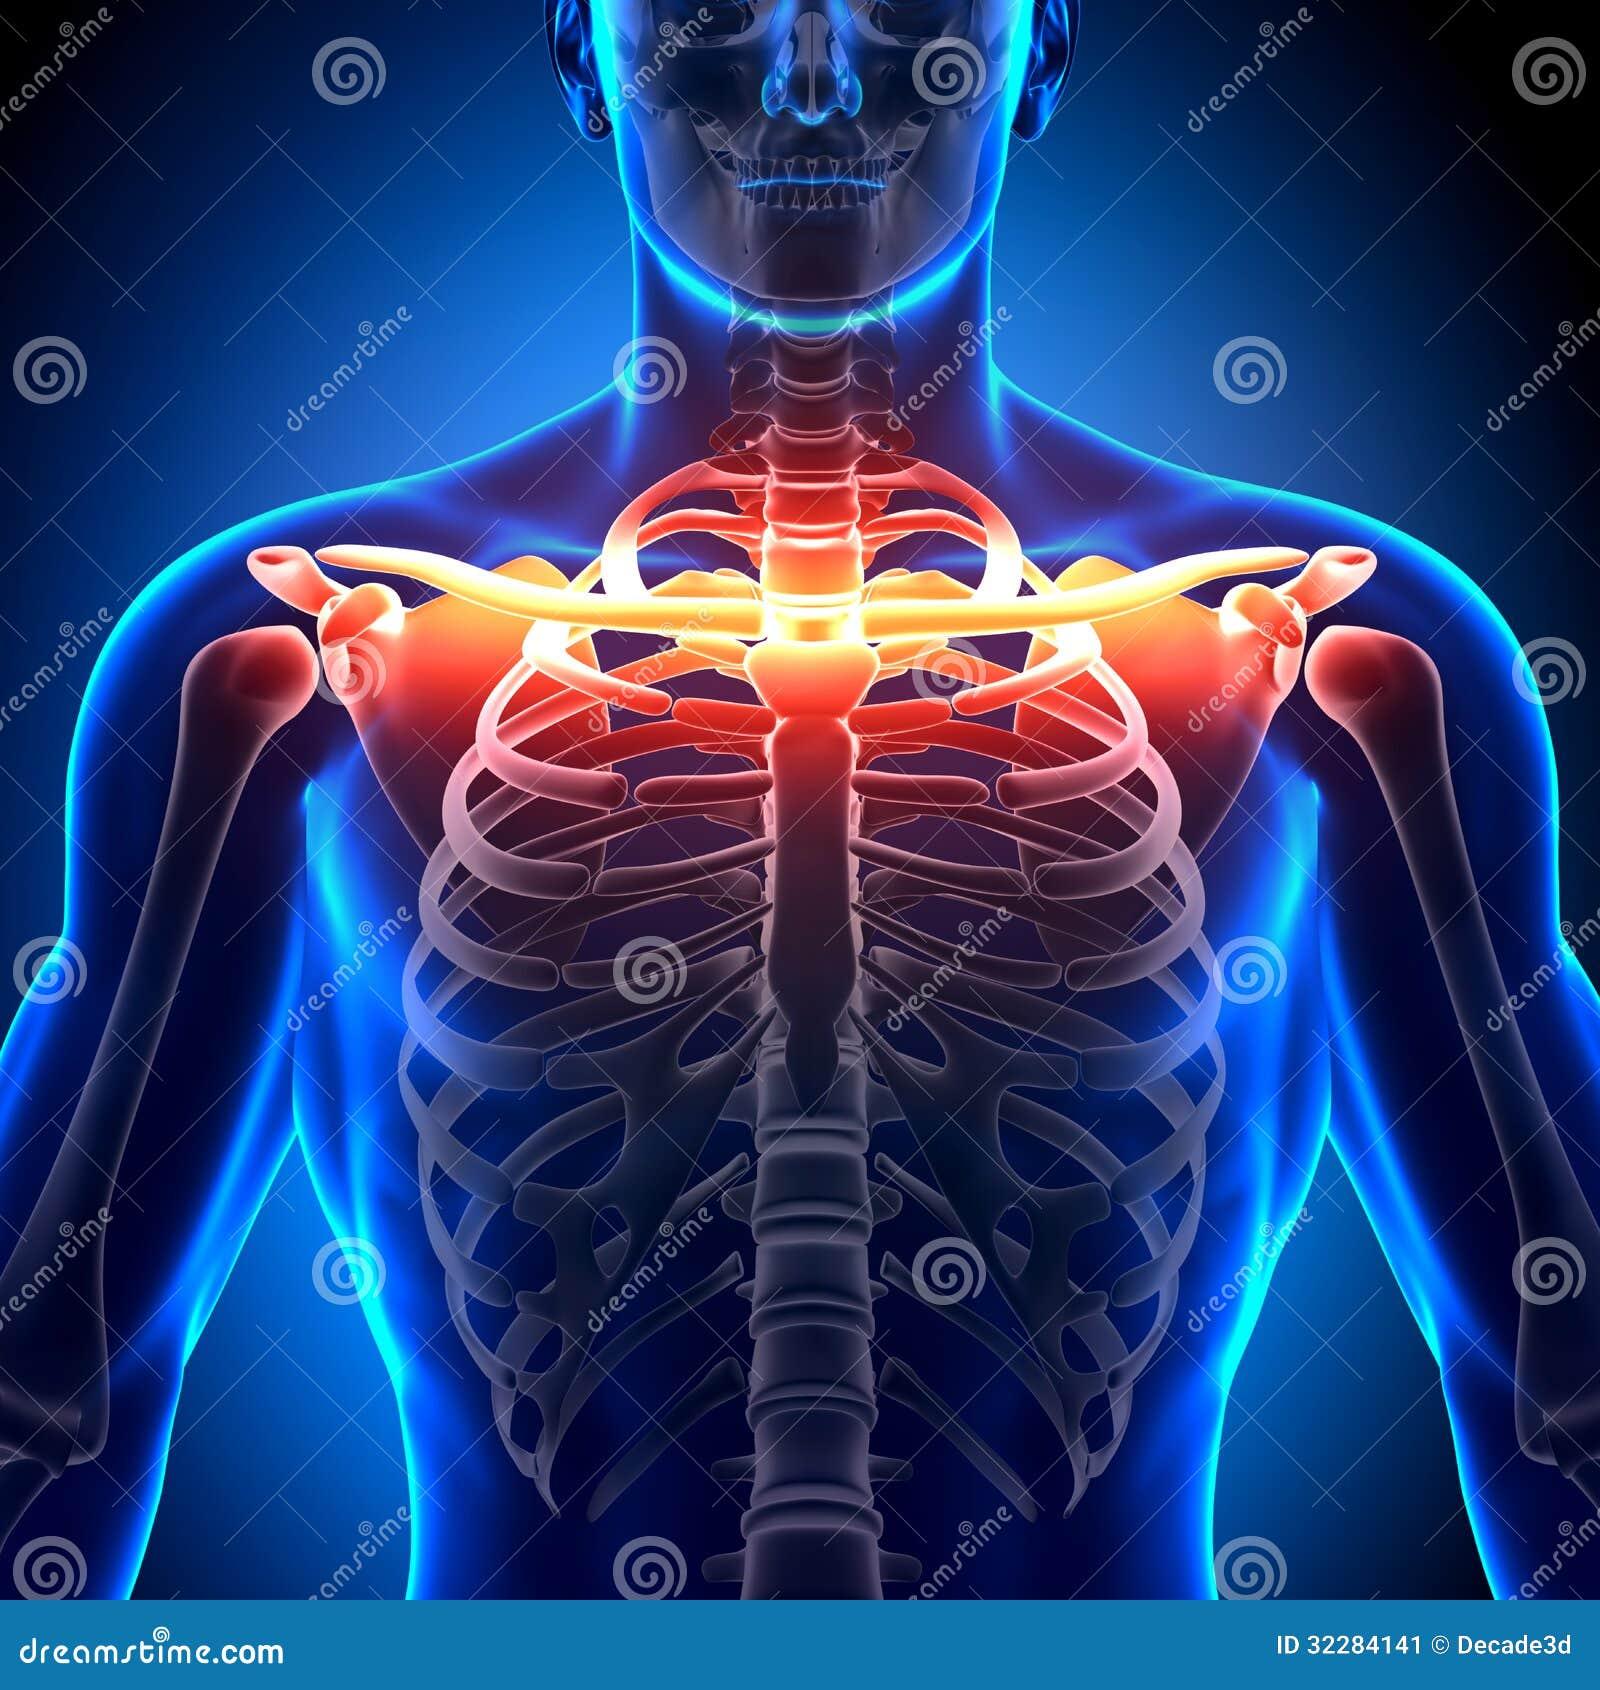 Anatomía Del Hueso De La Clavícula - Huesos De La Anatomía Imagen de ...